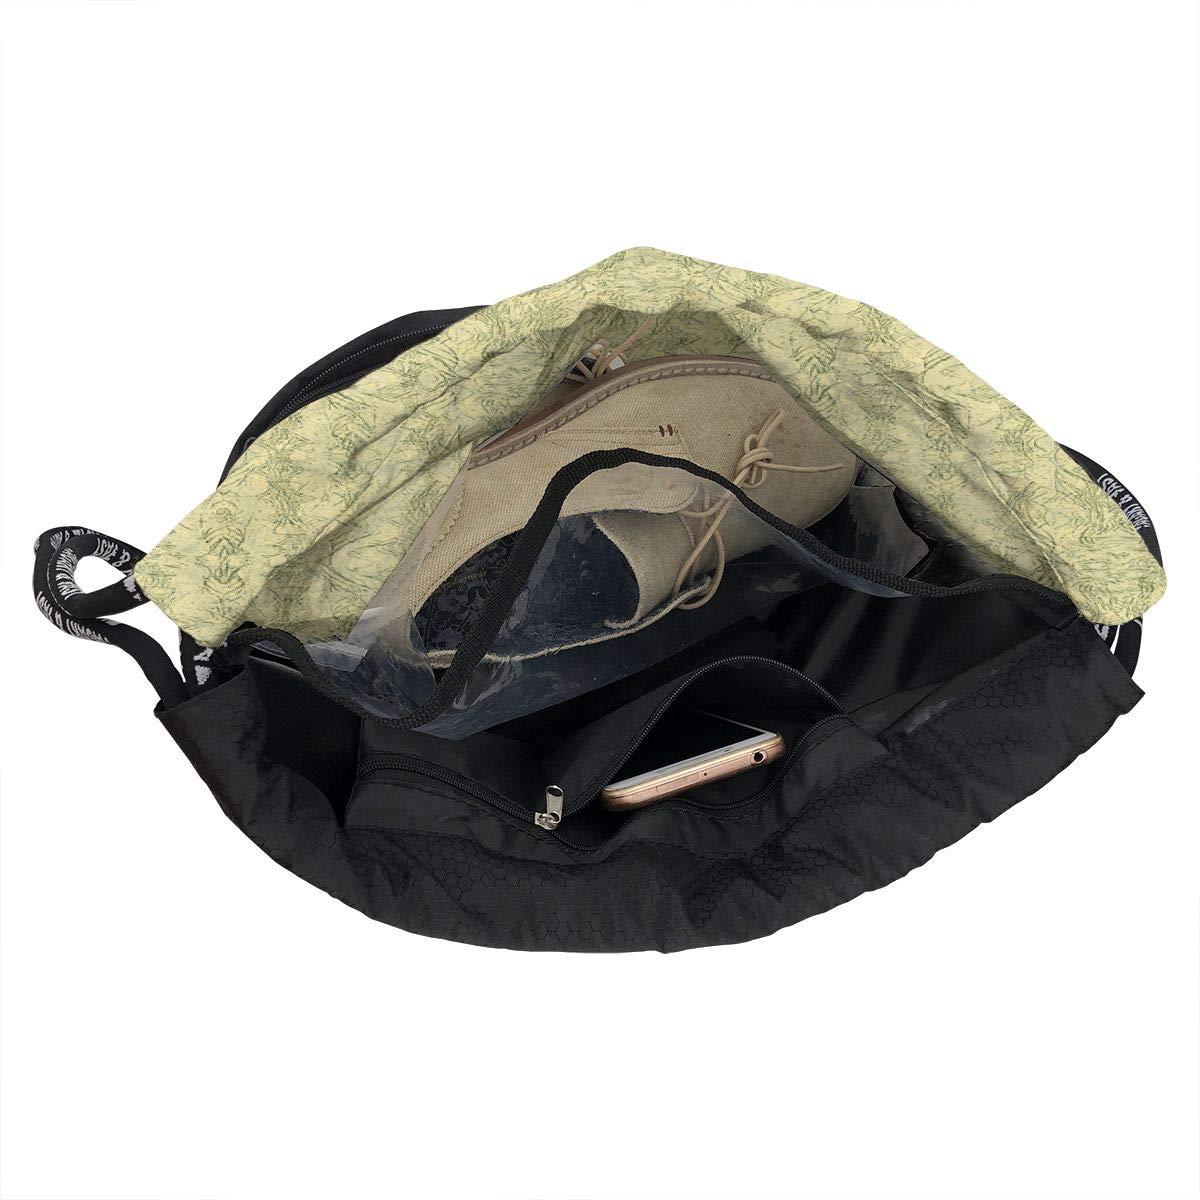 GymSack Drawstring Bag Sackpack Happy Kids Sport Cinch Pack Simple Bundle Pocke Backpack For Men Women